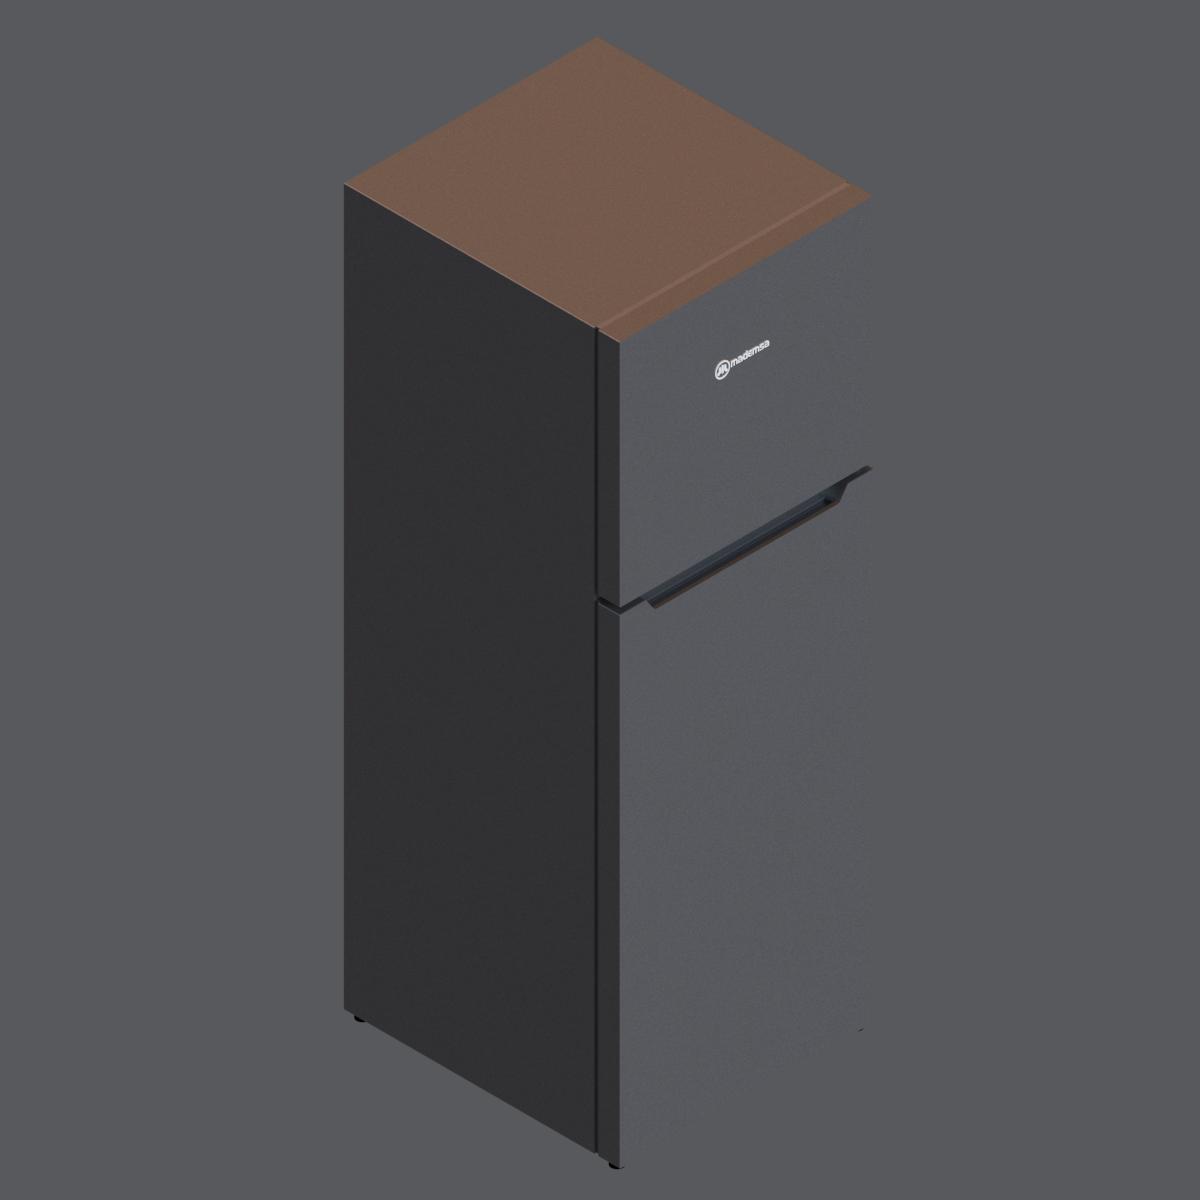 Refrigerador altus 1350 0d9b7694 8e6c 49ad 843e f9a71603afd4